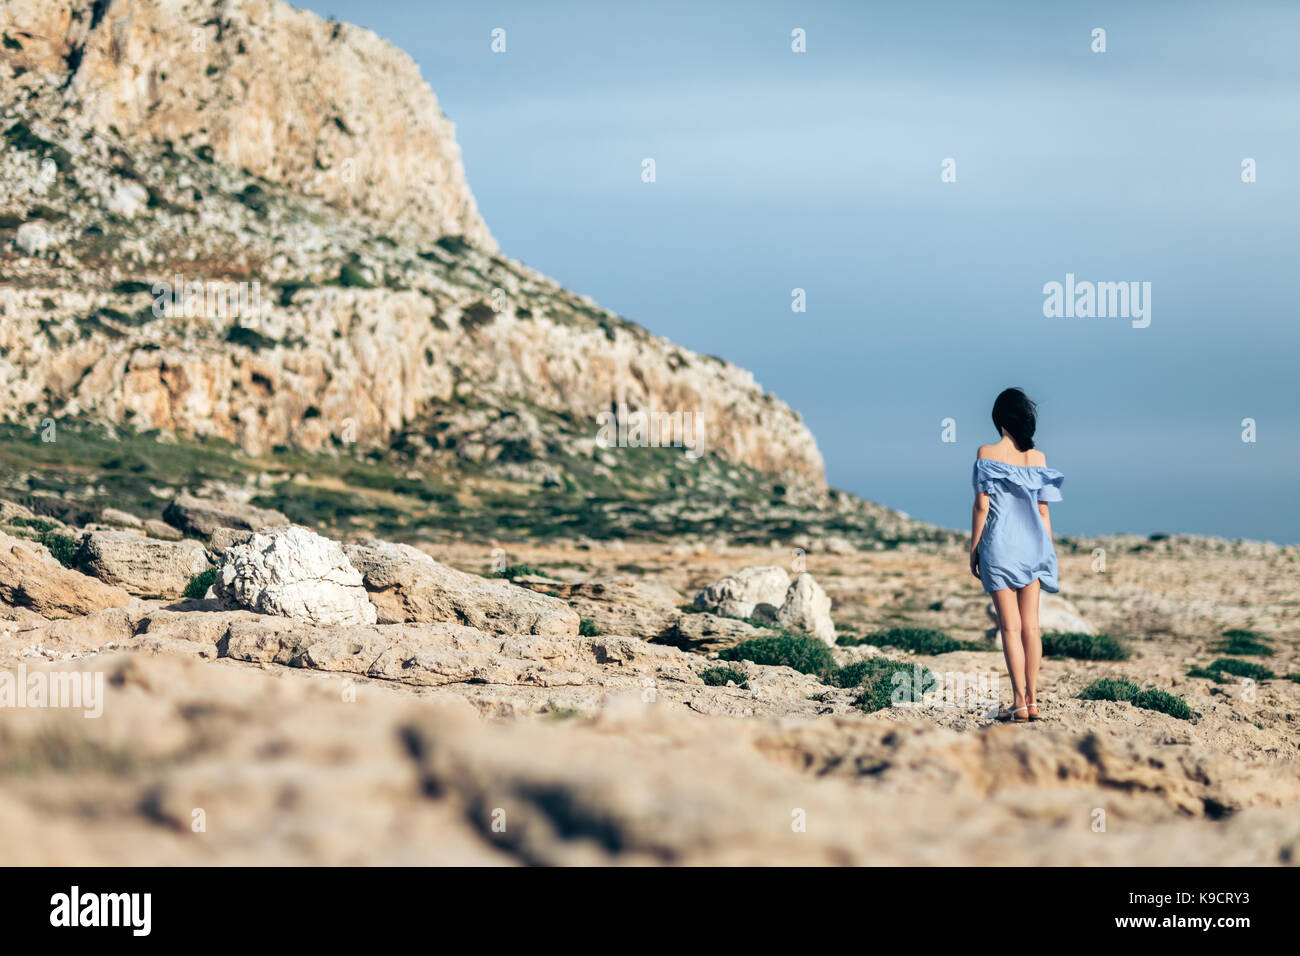 Vue arrière de lonely woman walking on rocky désert avec ciel dramatique Photo Stock